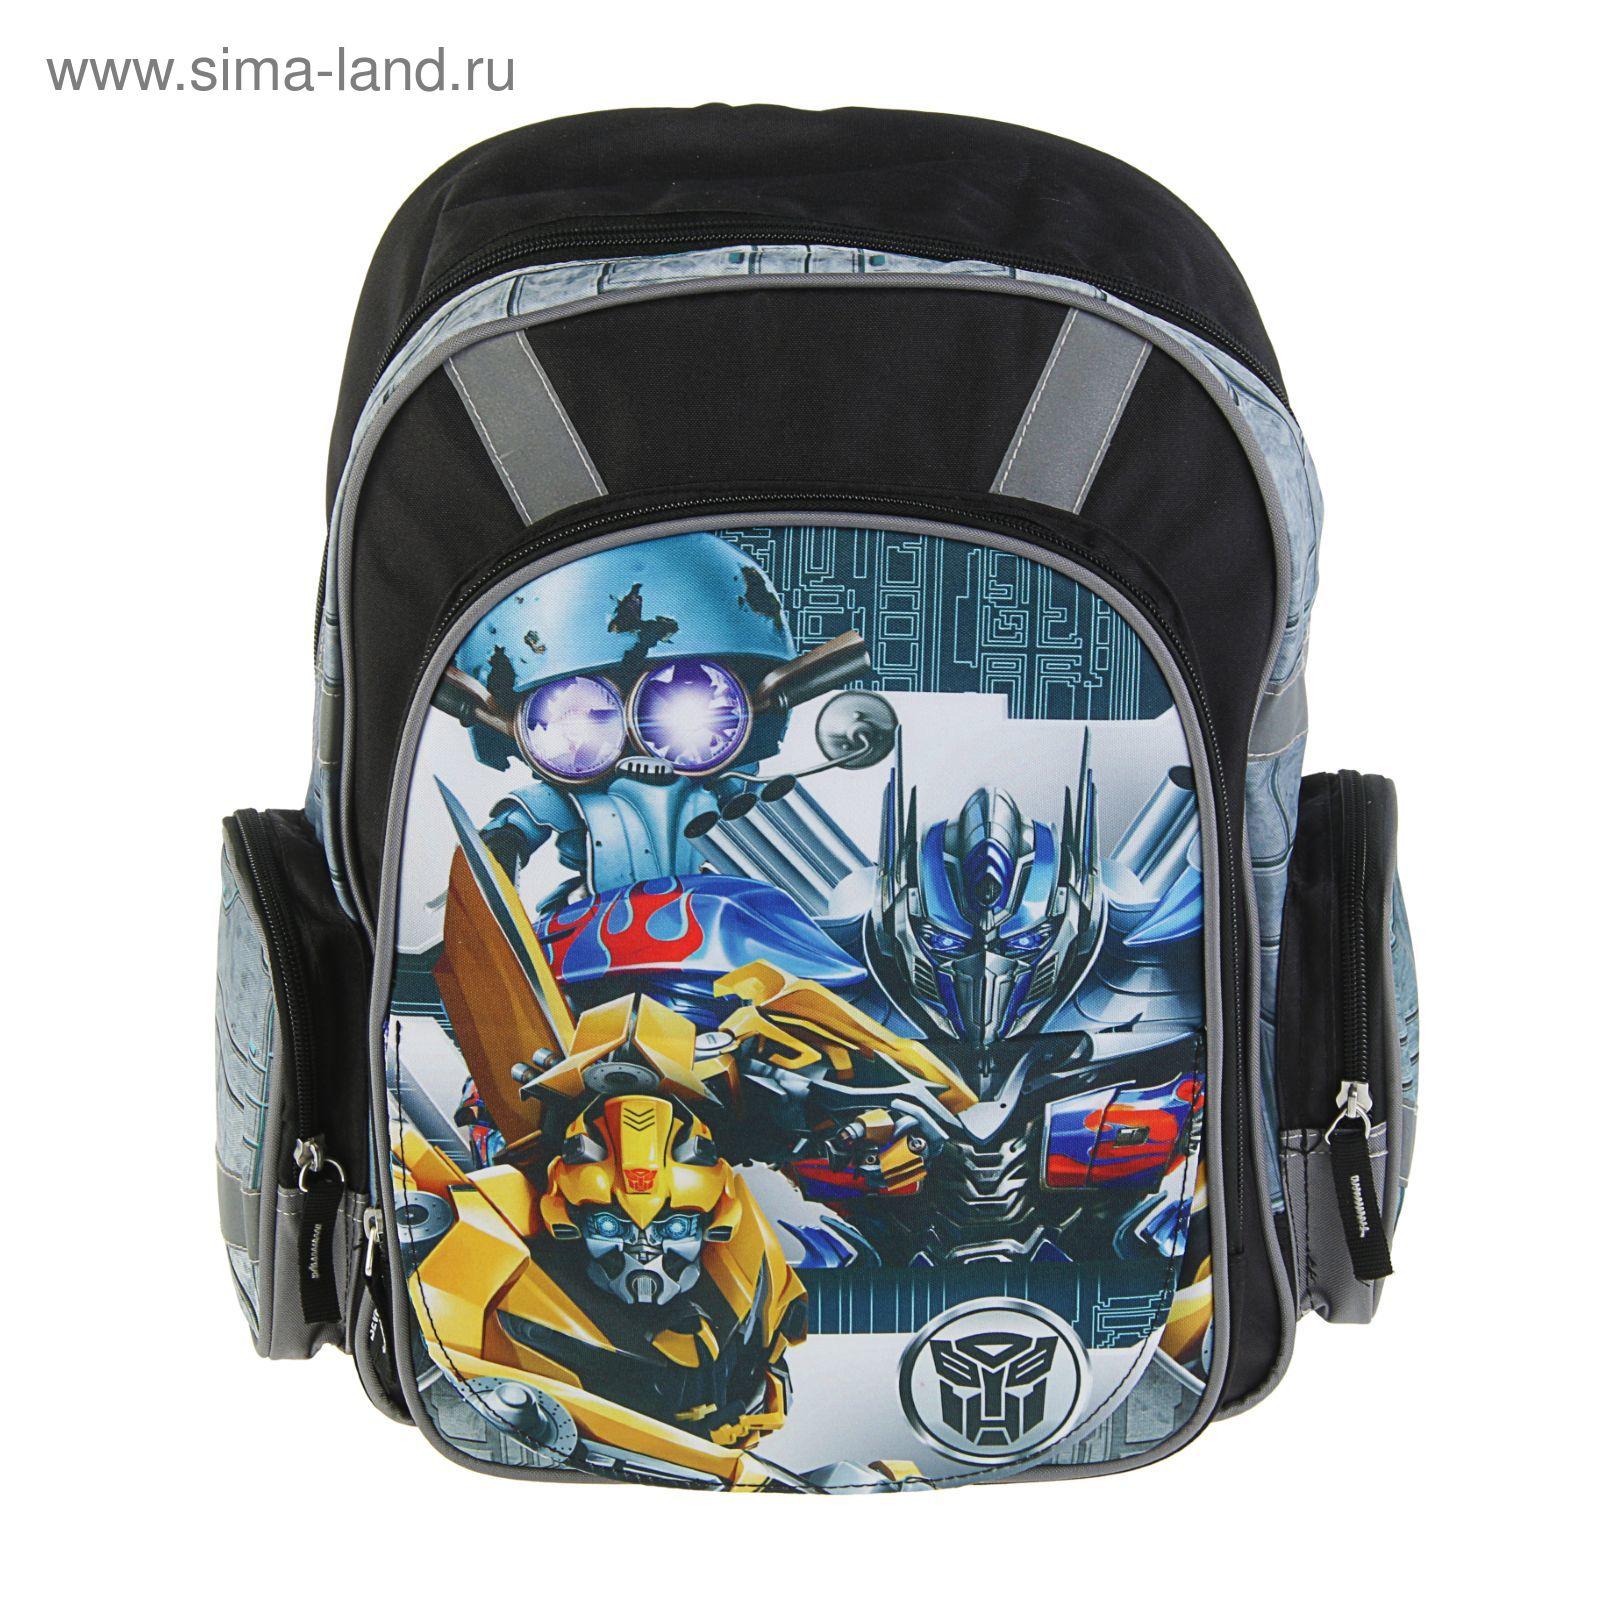 3a492540f774 Рюкзак школьный эргономичная спинка для мальчика Transformers Prime  38*29*13 серый TREB-